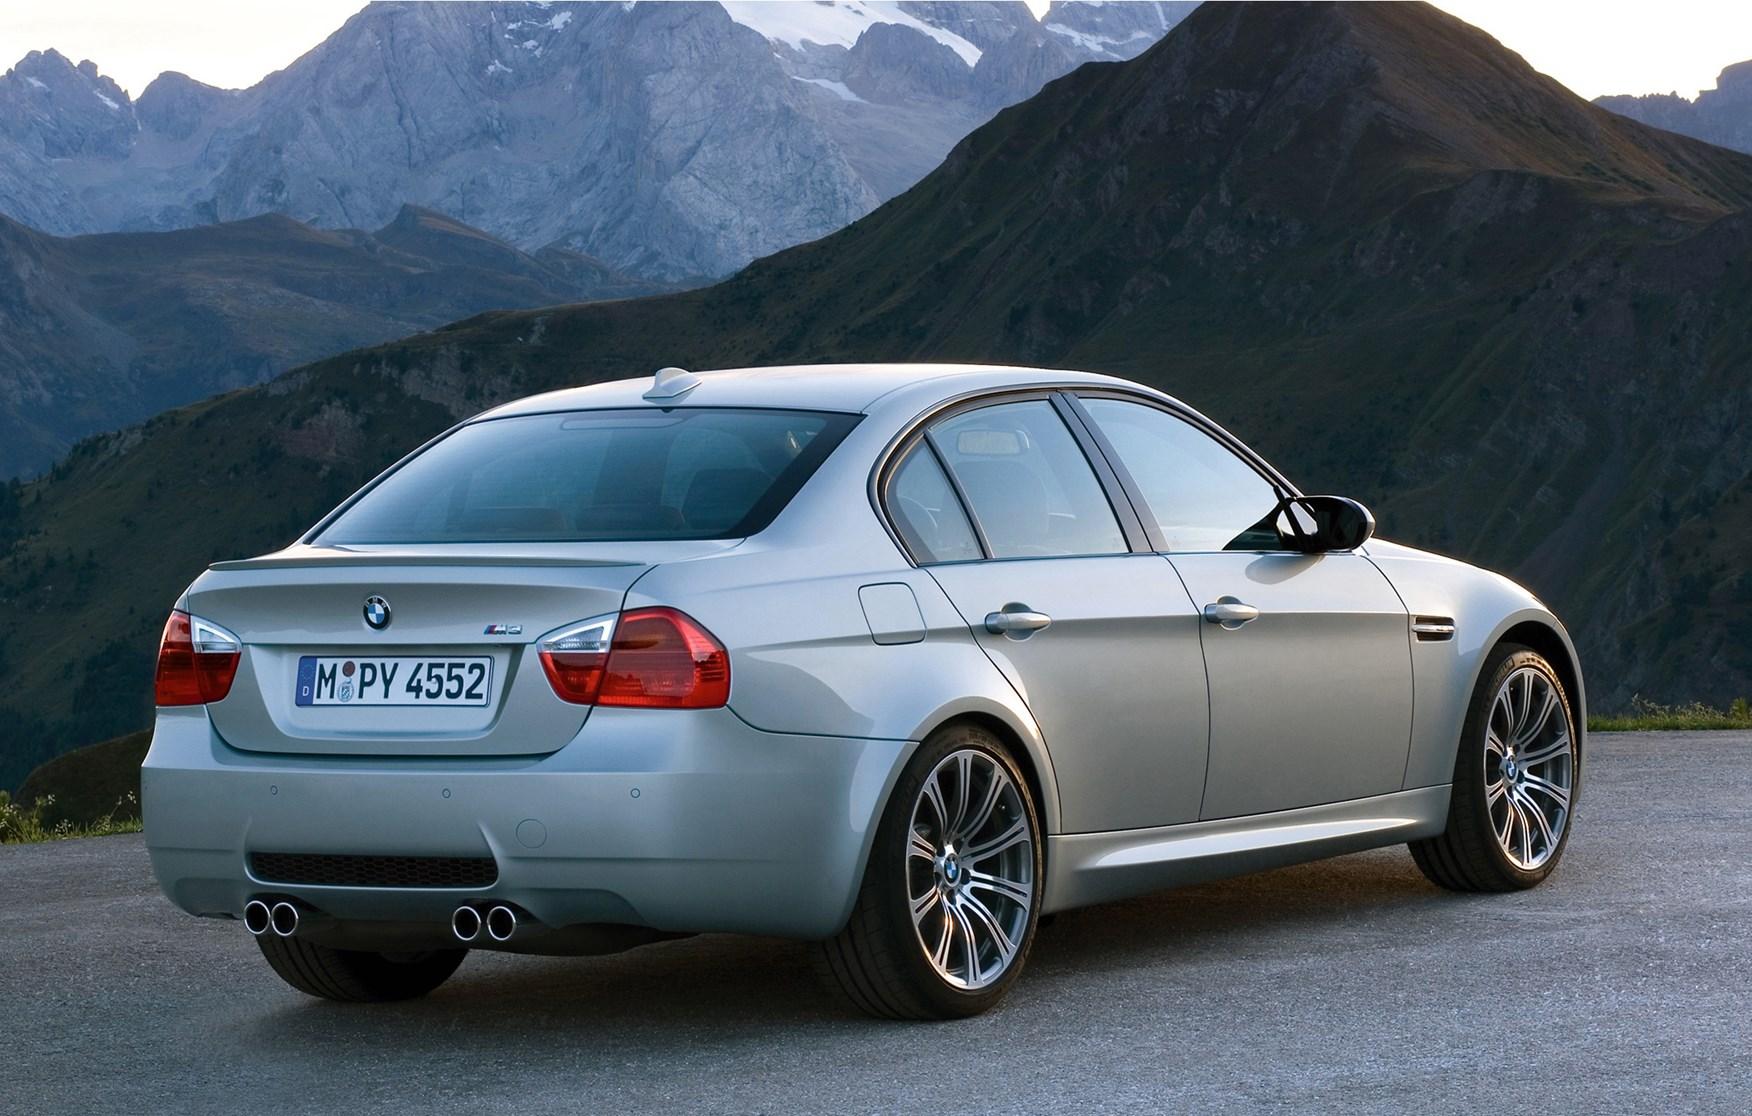 BMW M3 sedán, información y galería fotográfica